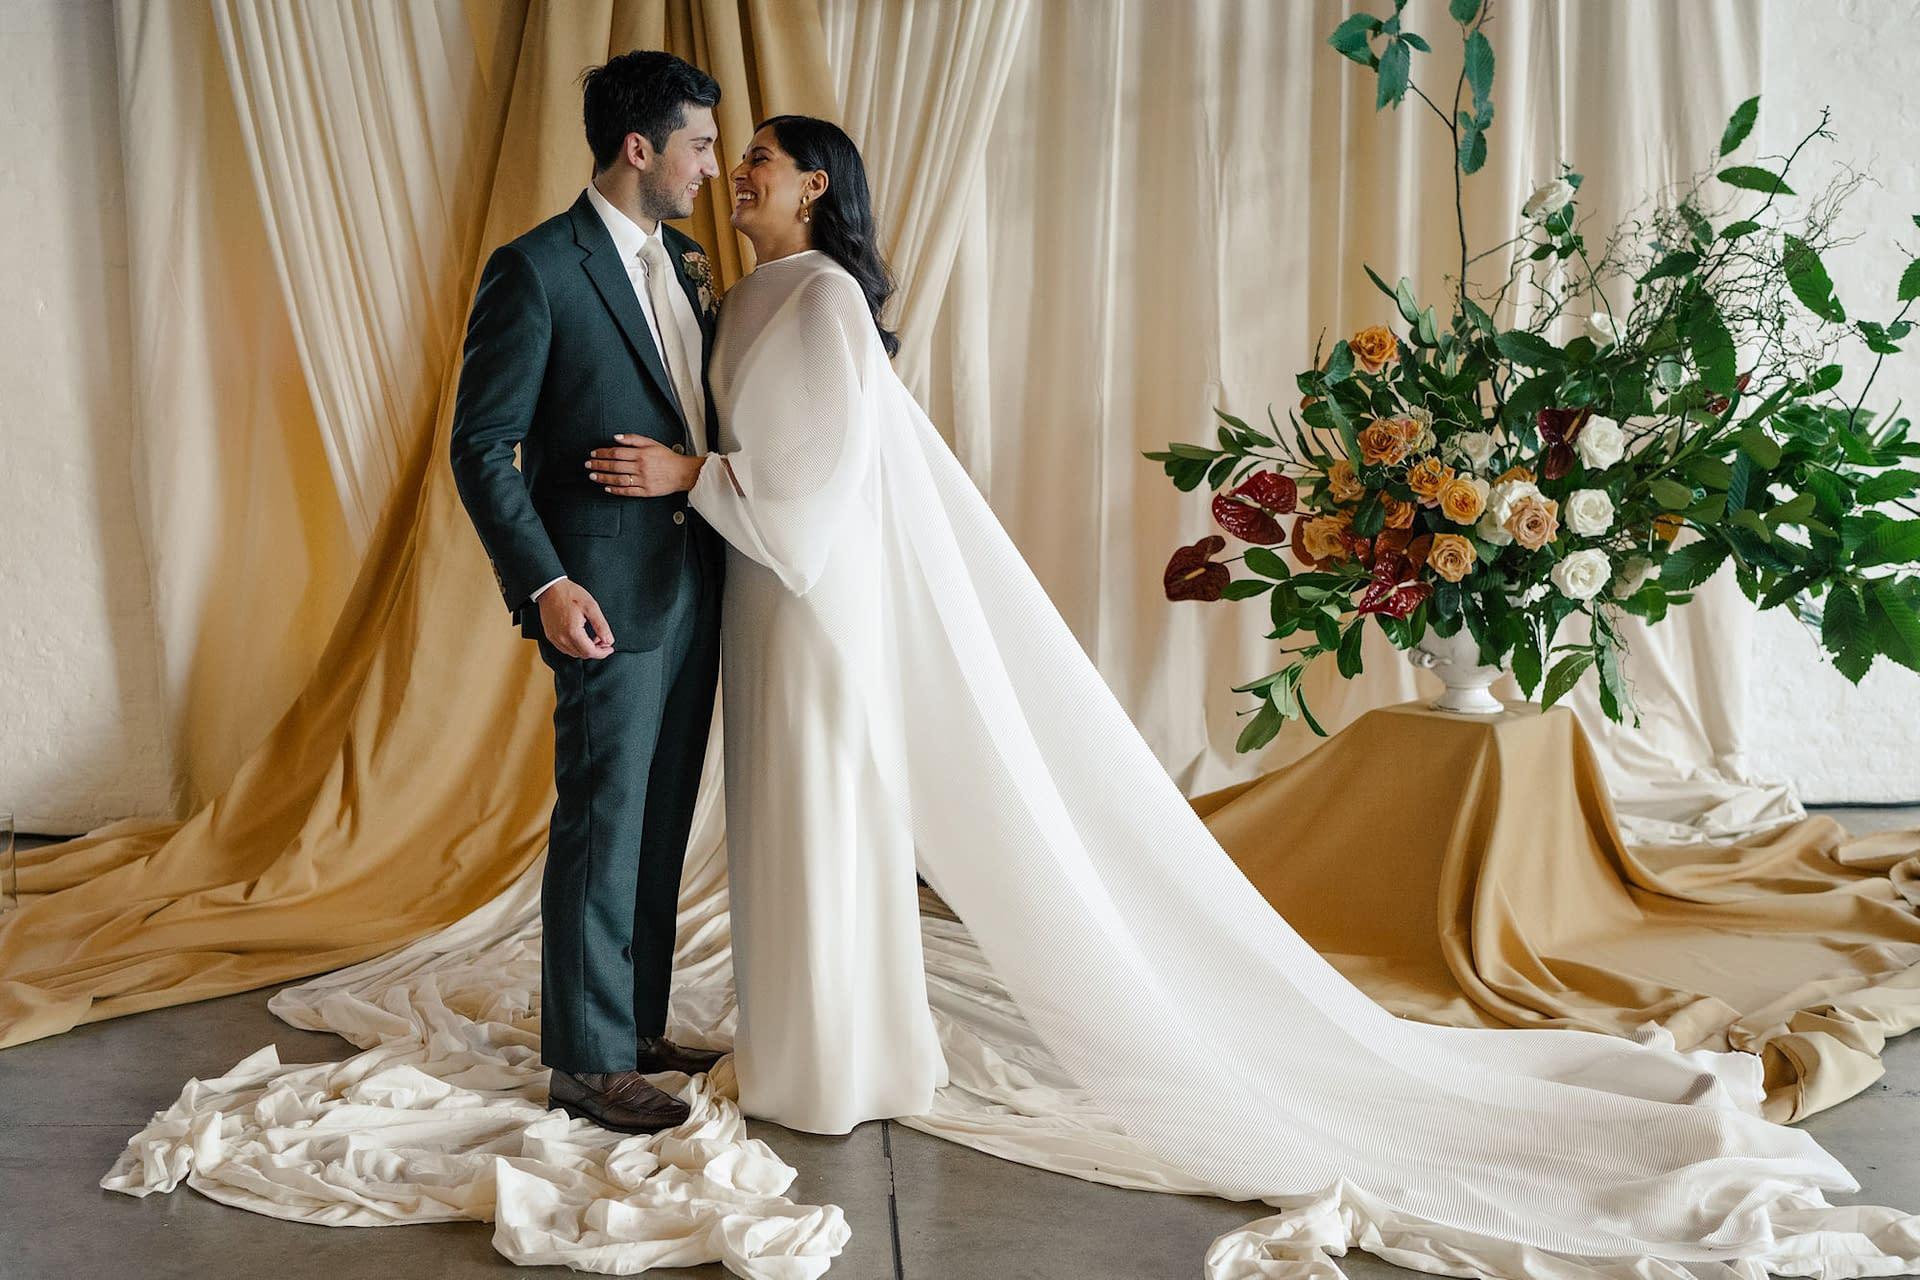 Bespoke fabric backdrop for a wedding at Trinity Buoy Wharf, London wedding venue